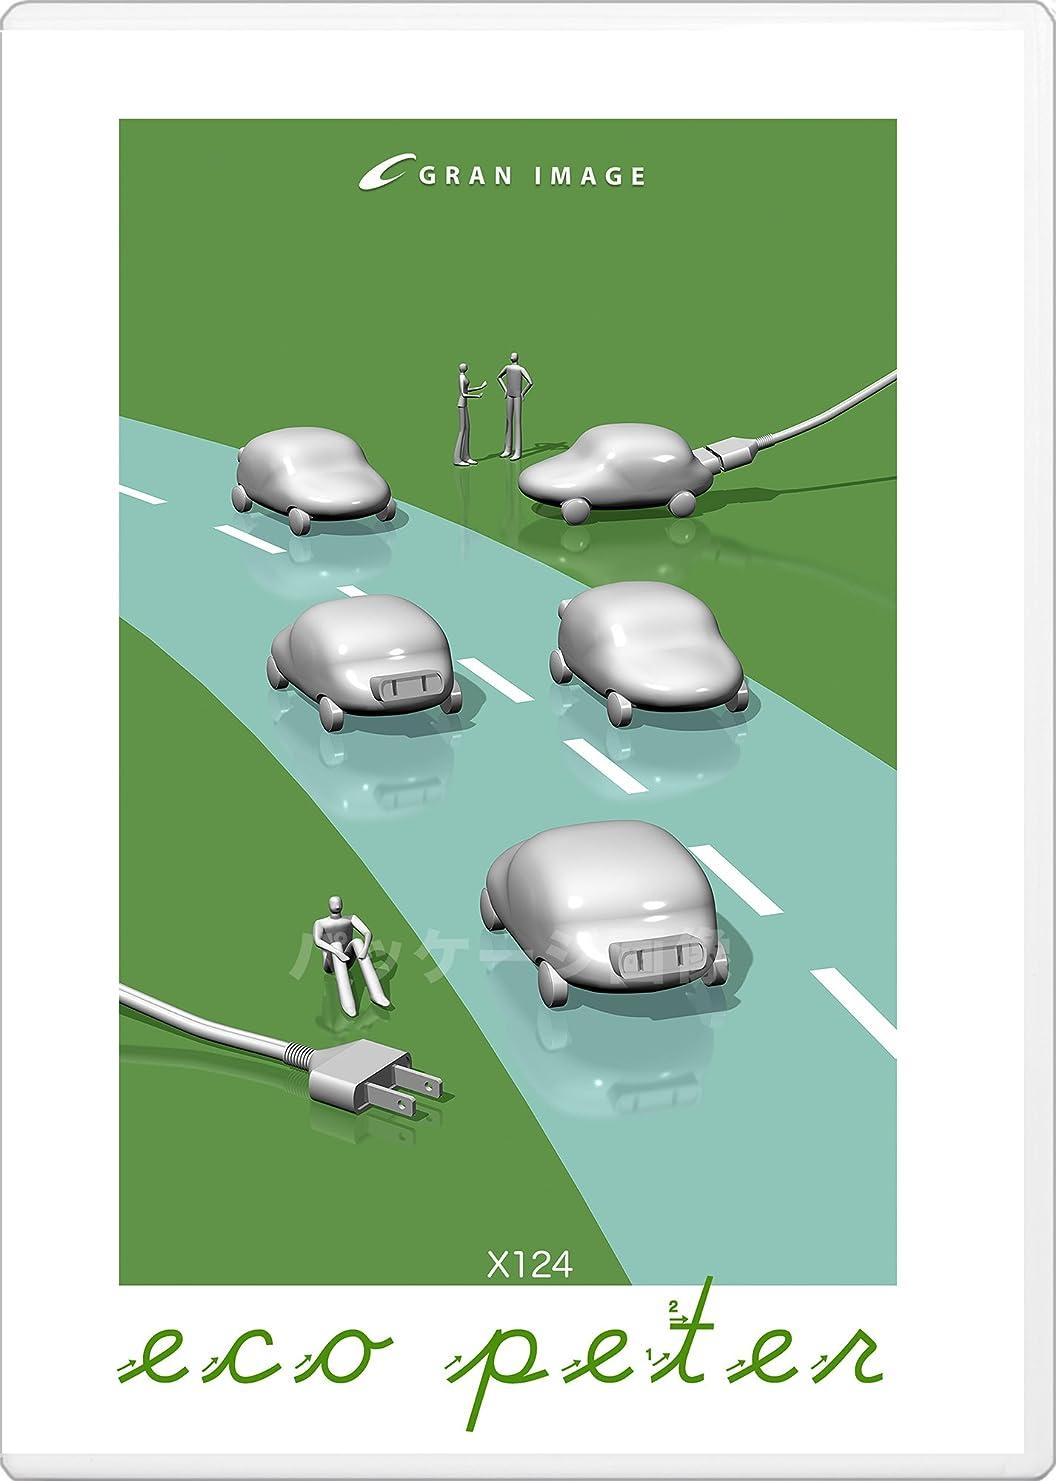 救急車ラップ本当のことを言うとグランイメージ X124 エコピーター(ロイヤリティフリーCG素材集)